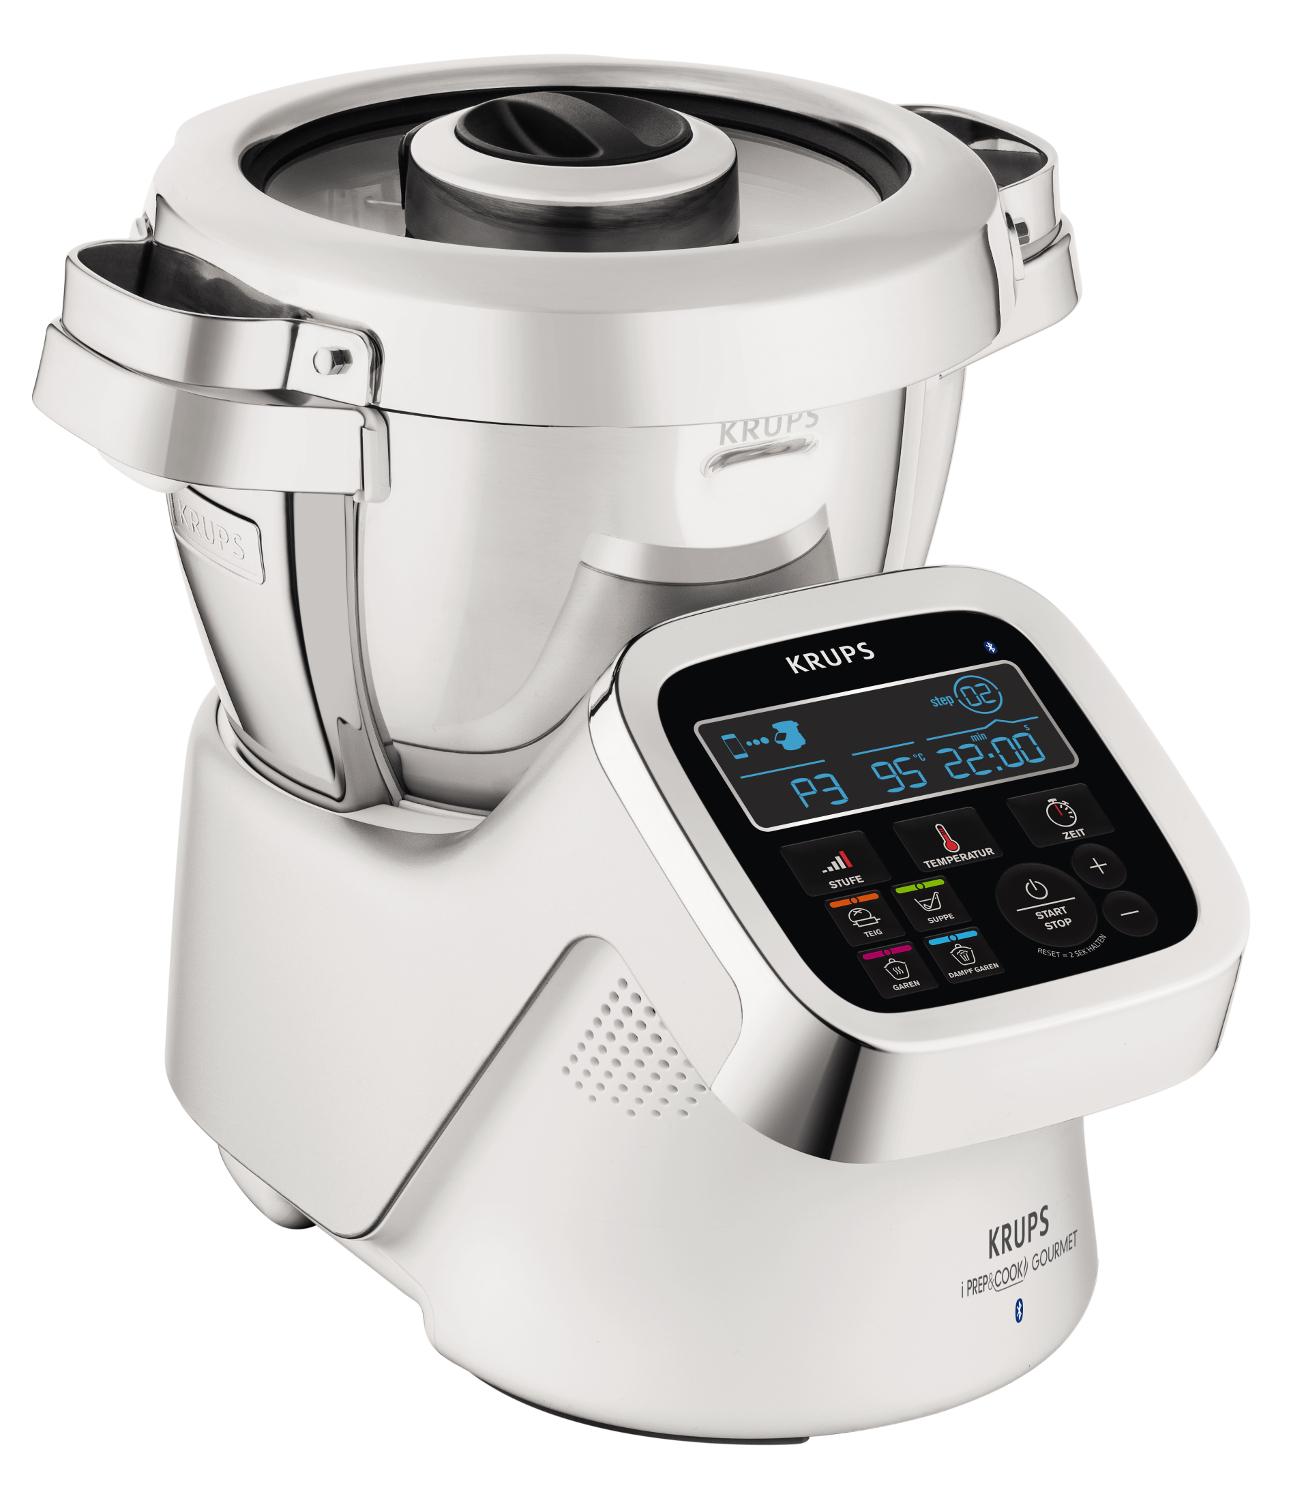 Krups Küchenmaschine i-Prep&Cook Gourmet XL mit Bluetooth - Smart-Wohnen